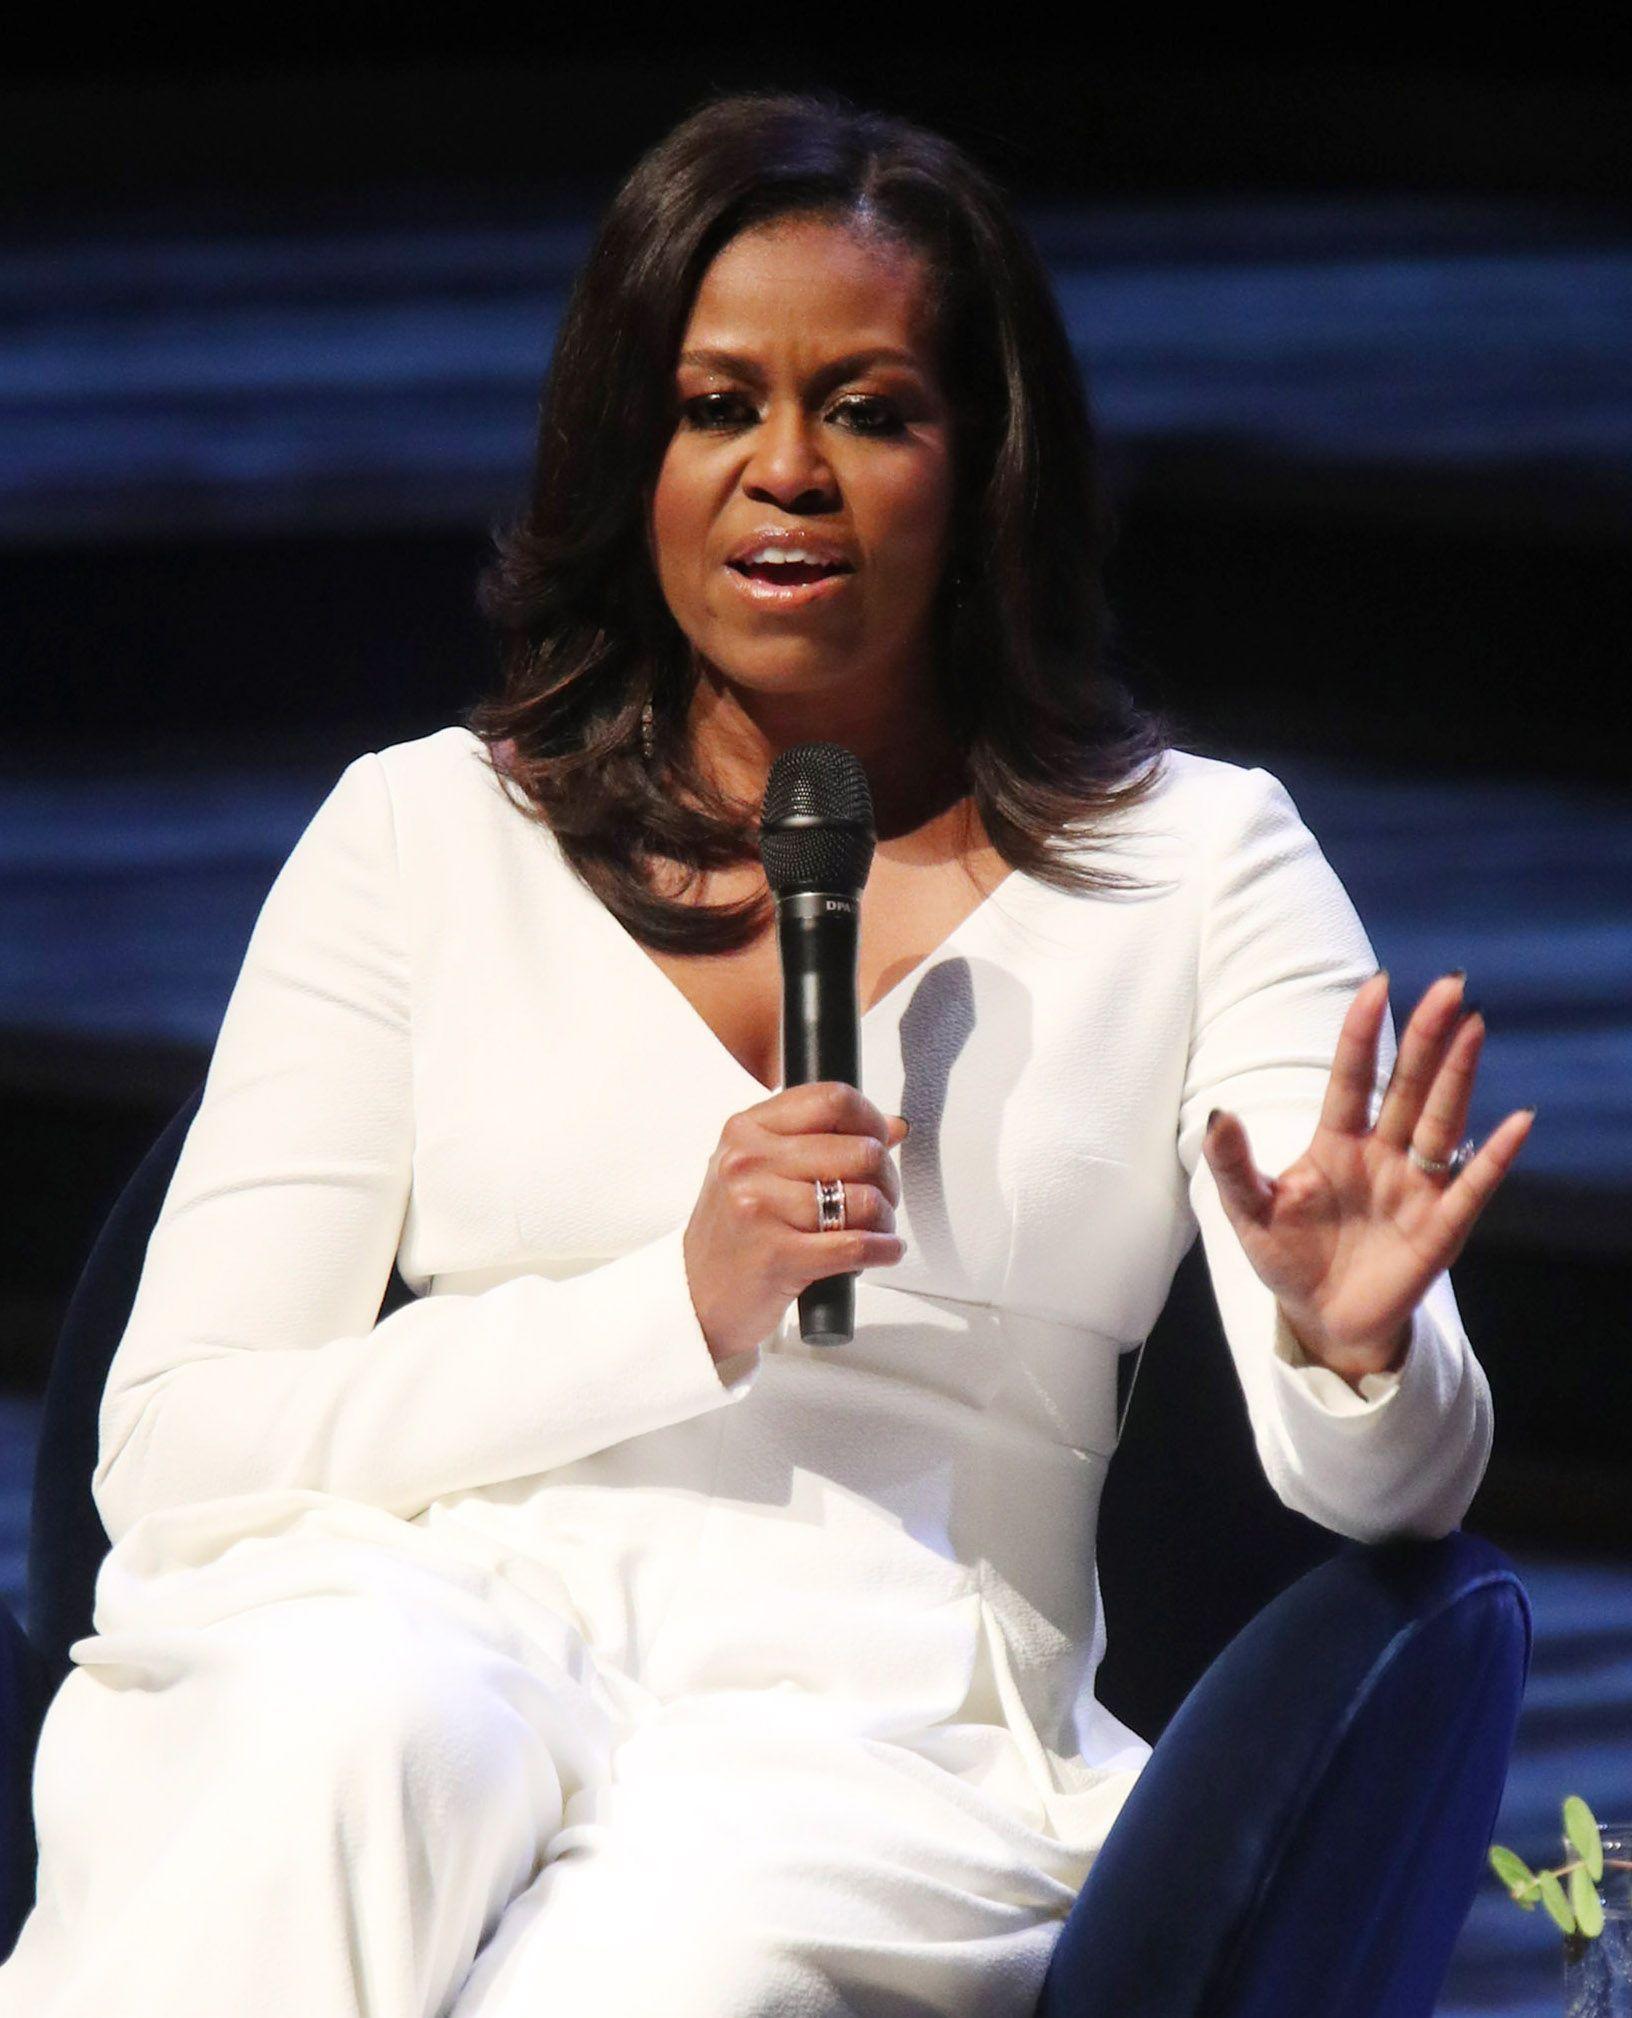 Fotografija Michelle Obame u šljokičastim čizmama zapalila je komentare na društvenim mrežama